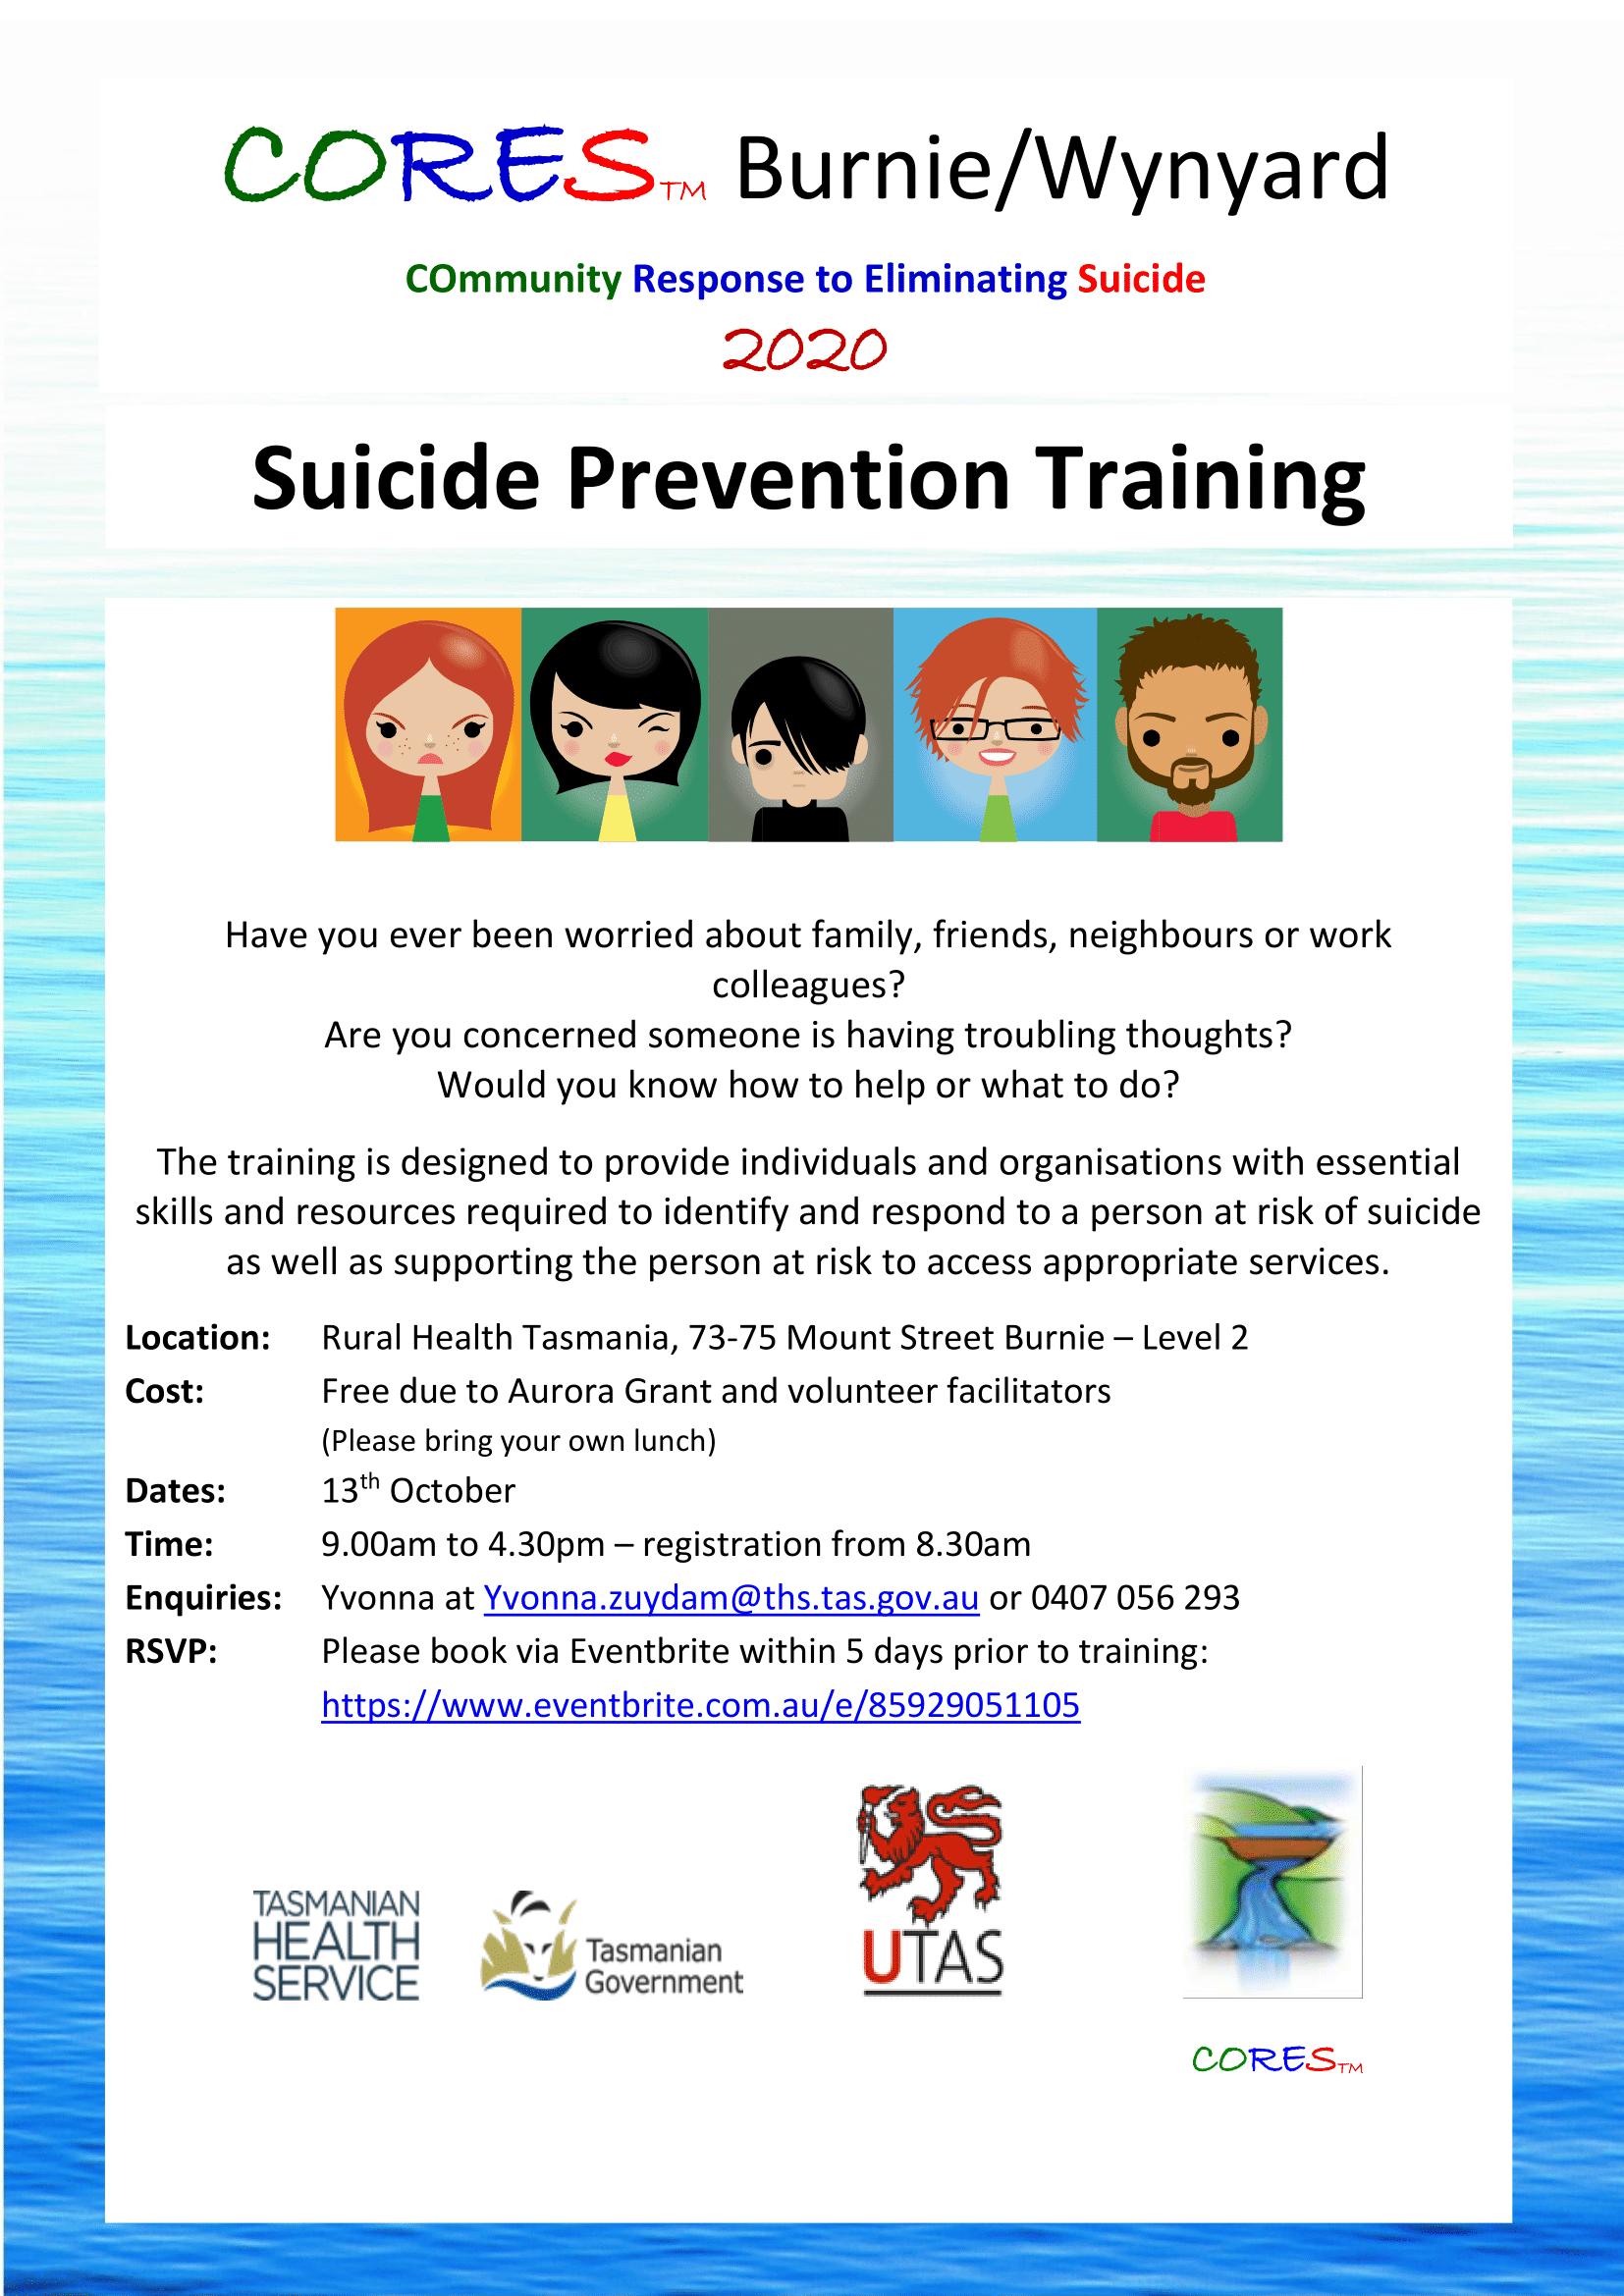 CORES training Burnie 2020 dates-fb